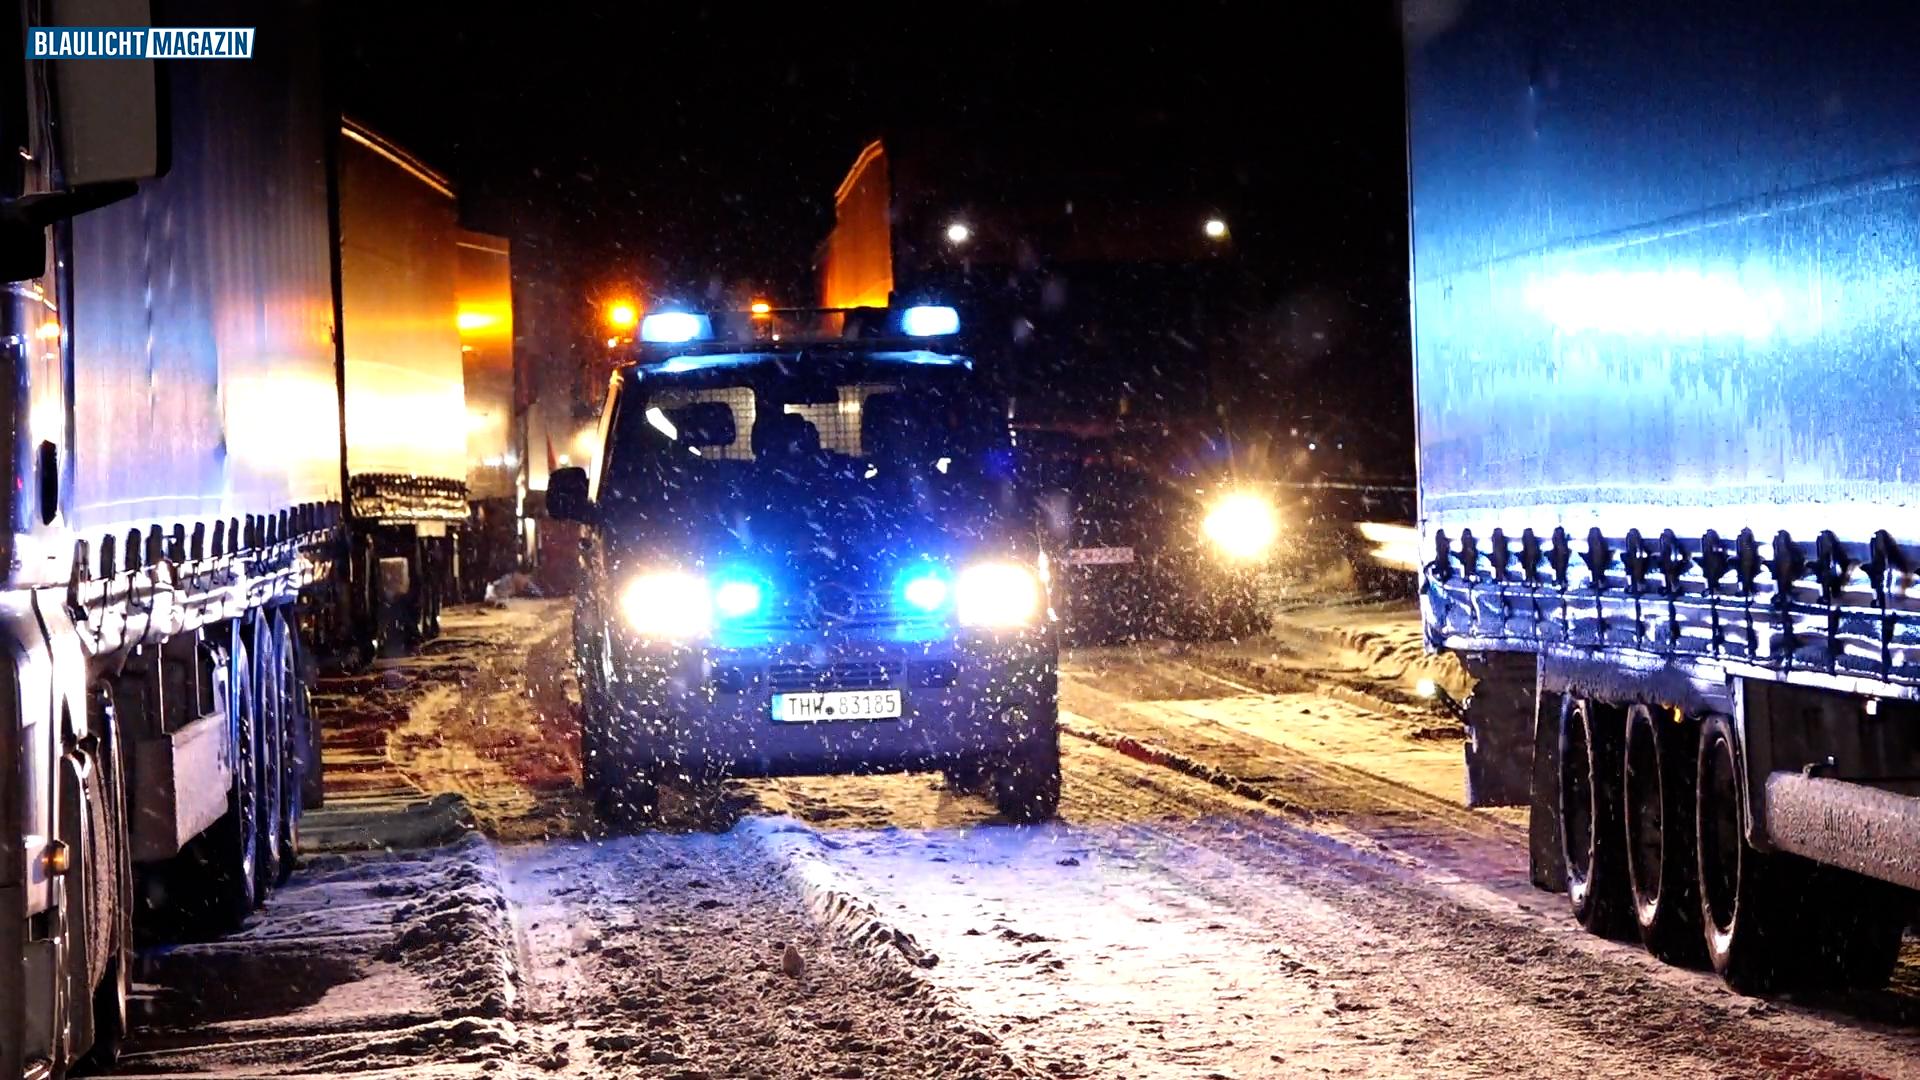 A4-wegen-Schneef-llen-komplett-blockiert